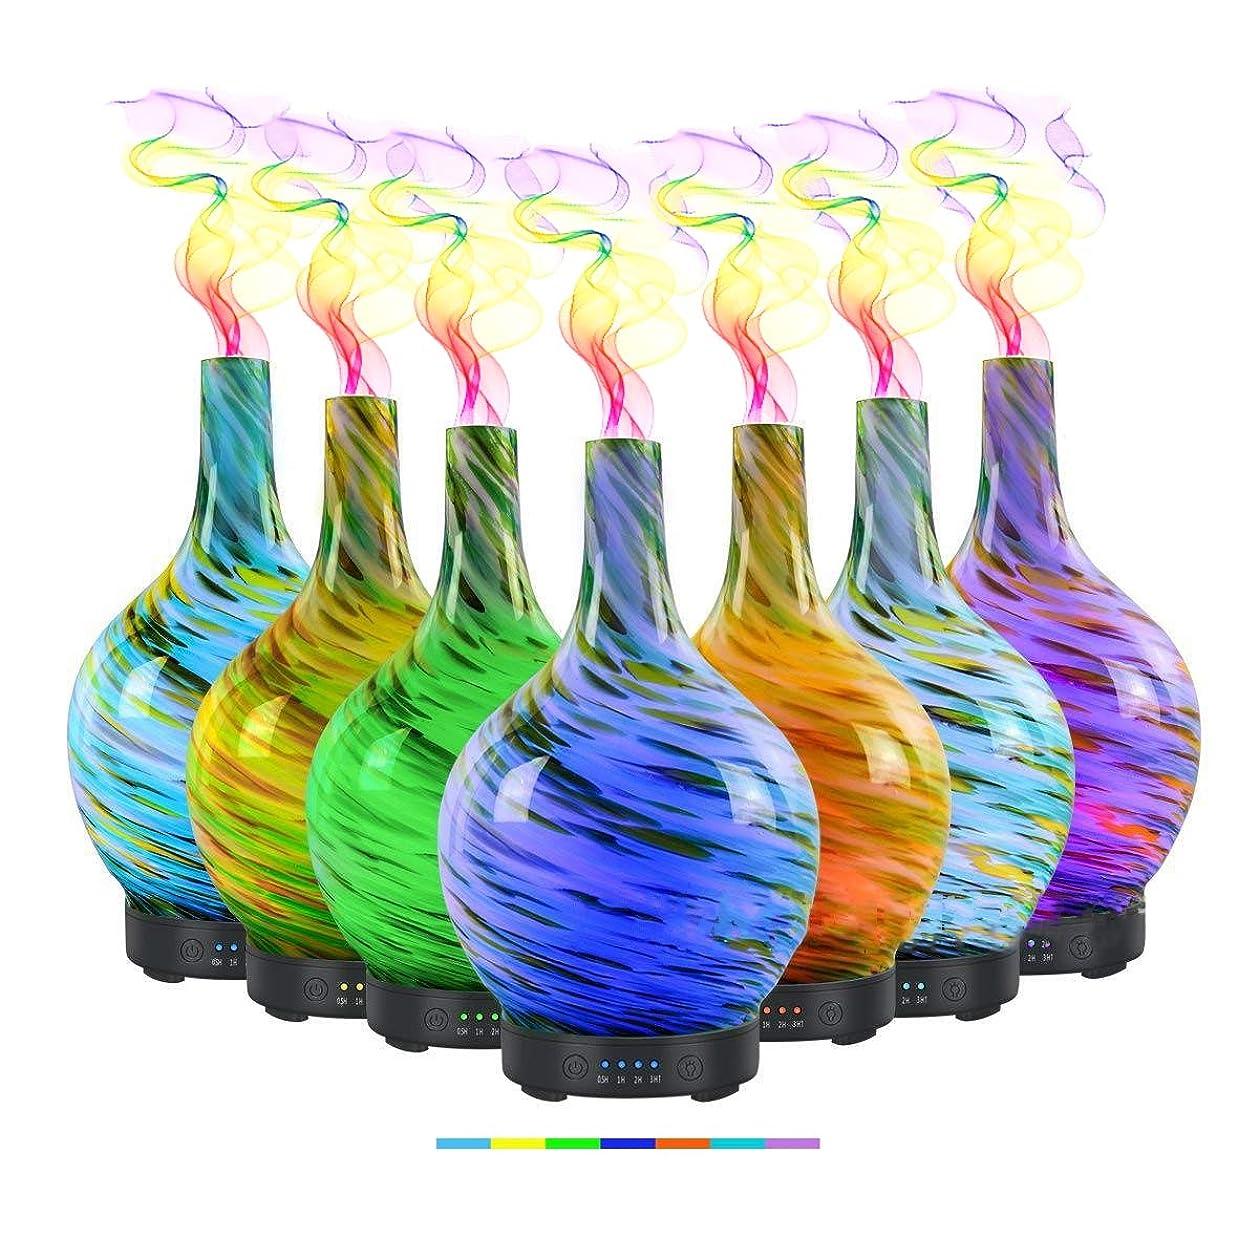 ハック流行取り囲むディフューザーエッセンシャルオイル (100ml)-3 d アートガラス葉海アロマ加湿器7色の変更 LED ライト & 4 タイマー設定、水なしの自動シャットオフ